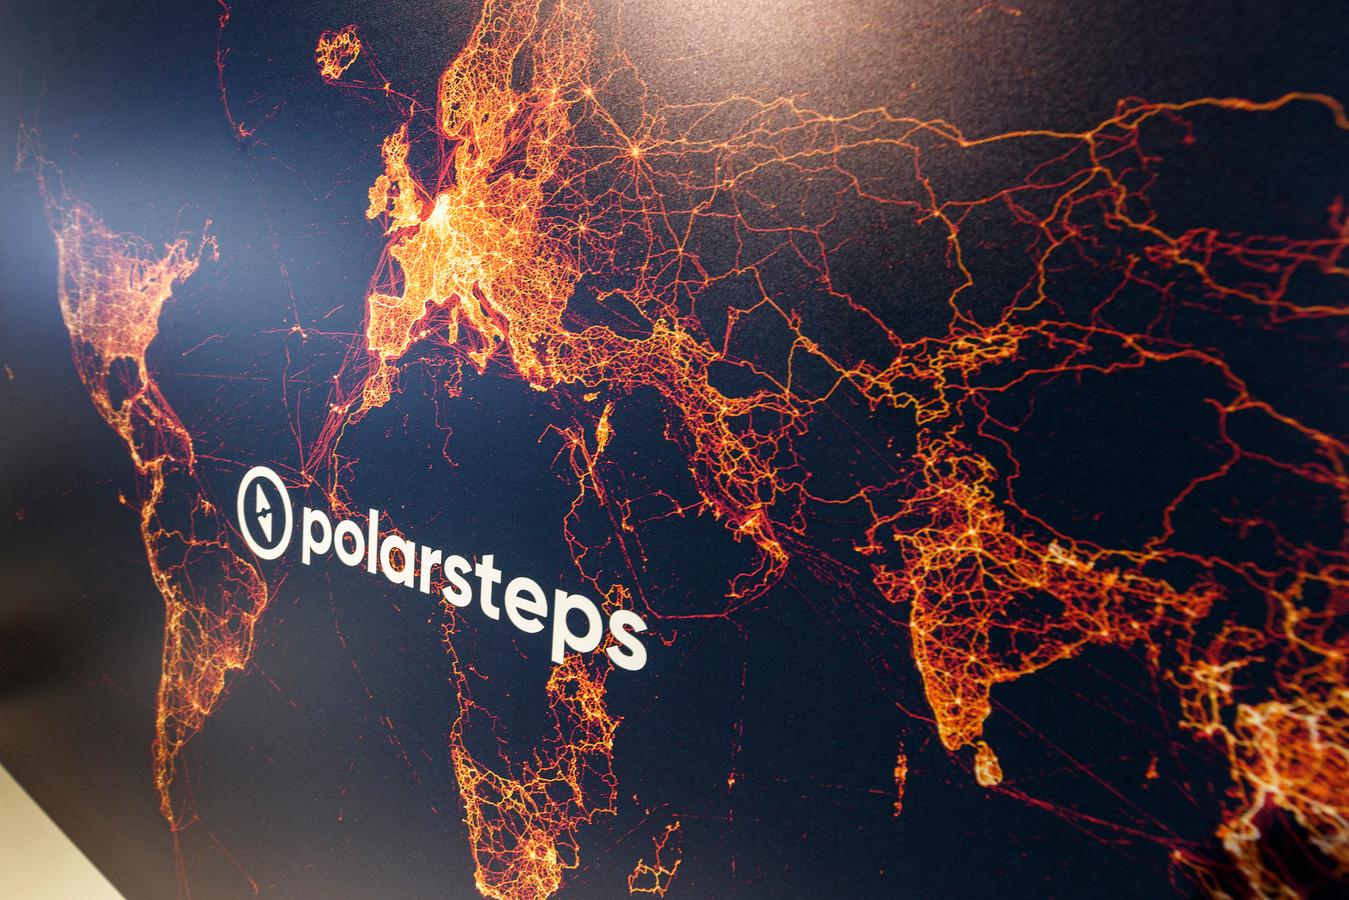 Zet alle punten waar Polarsteps gebruikers zijn geweest op een zwarte achtergrond en de wereldkaart ontstaat. Nederland en Europa zijn het populairst, in Centraal Afrika, Rusland en Noord-Canada zijn nog maar weinig reizigers met Polarsteps geweest.